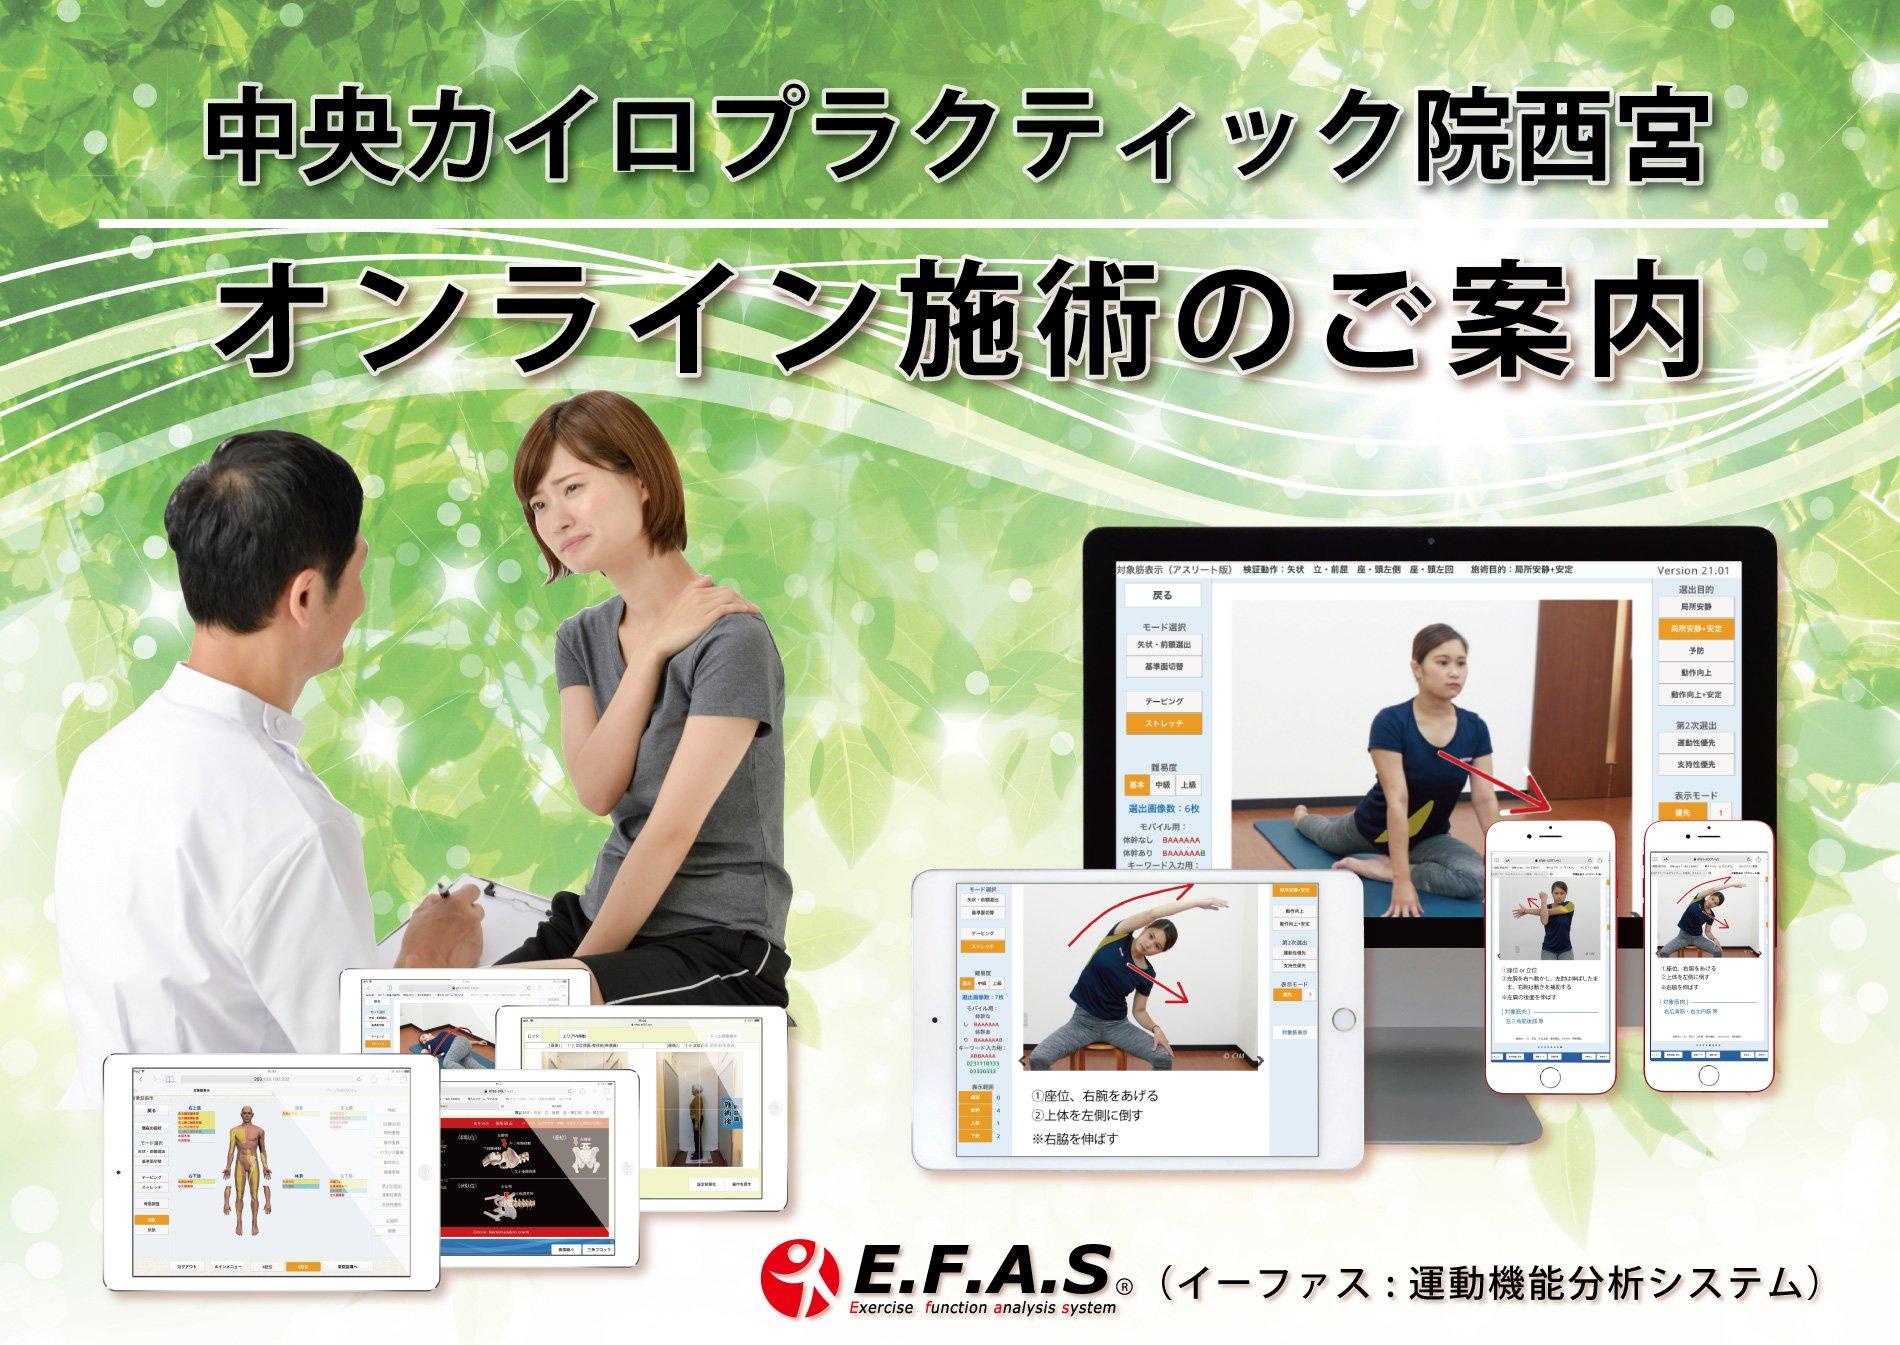 【オンライン整体(30分)】AIによる分析システムを使用し、ご自宅にいながらプロの整体が受けられます!西宮市の整体院 首痛・肩こり・腰痛・背中の張りなど中央カイロプラクティック院西宮にお任せ!!のイメージその1